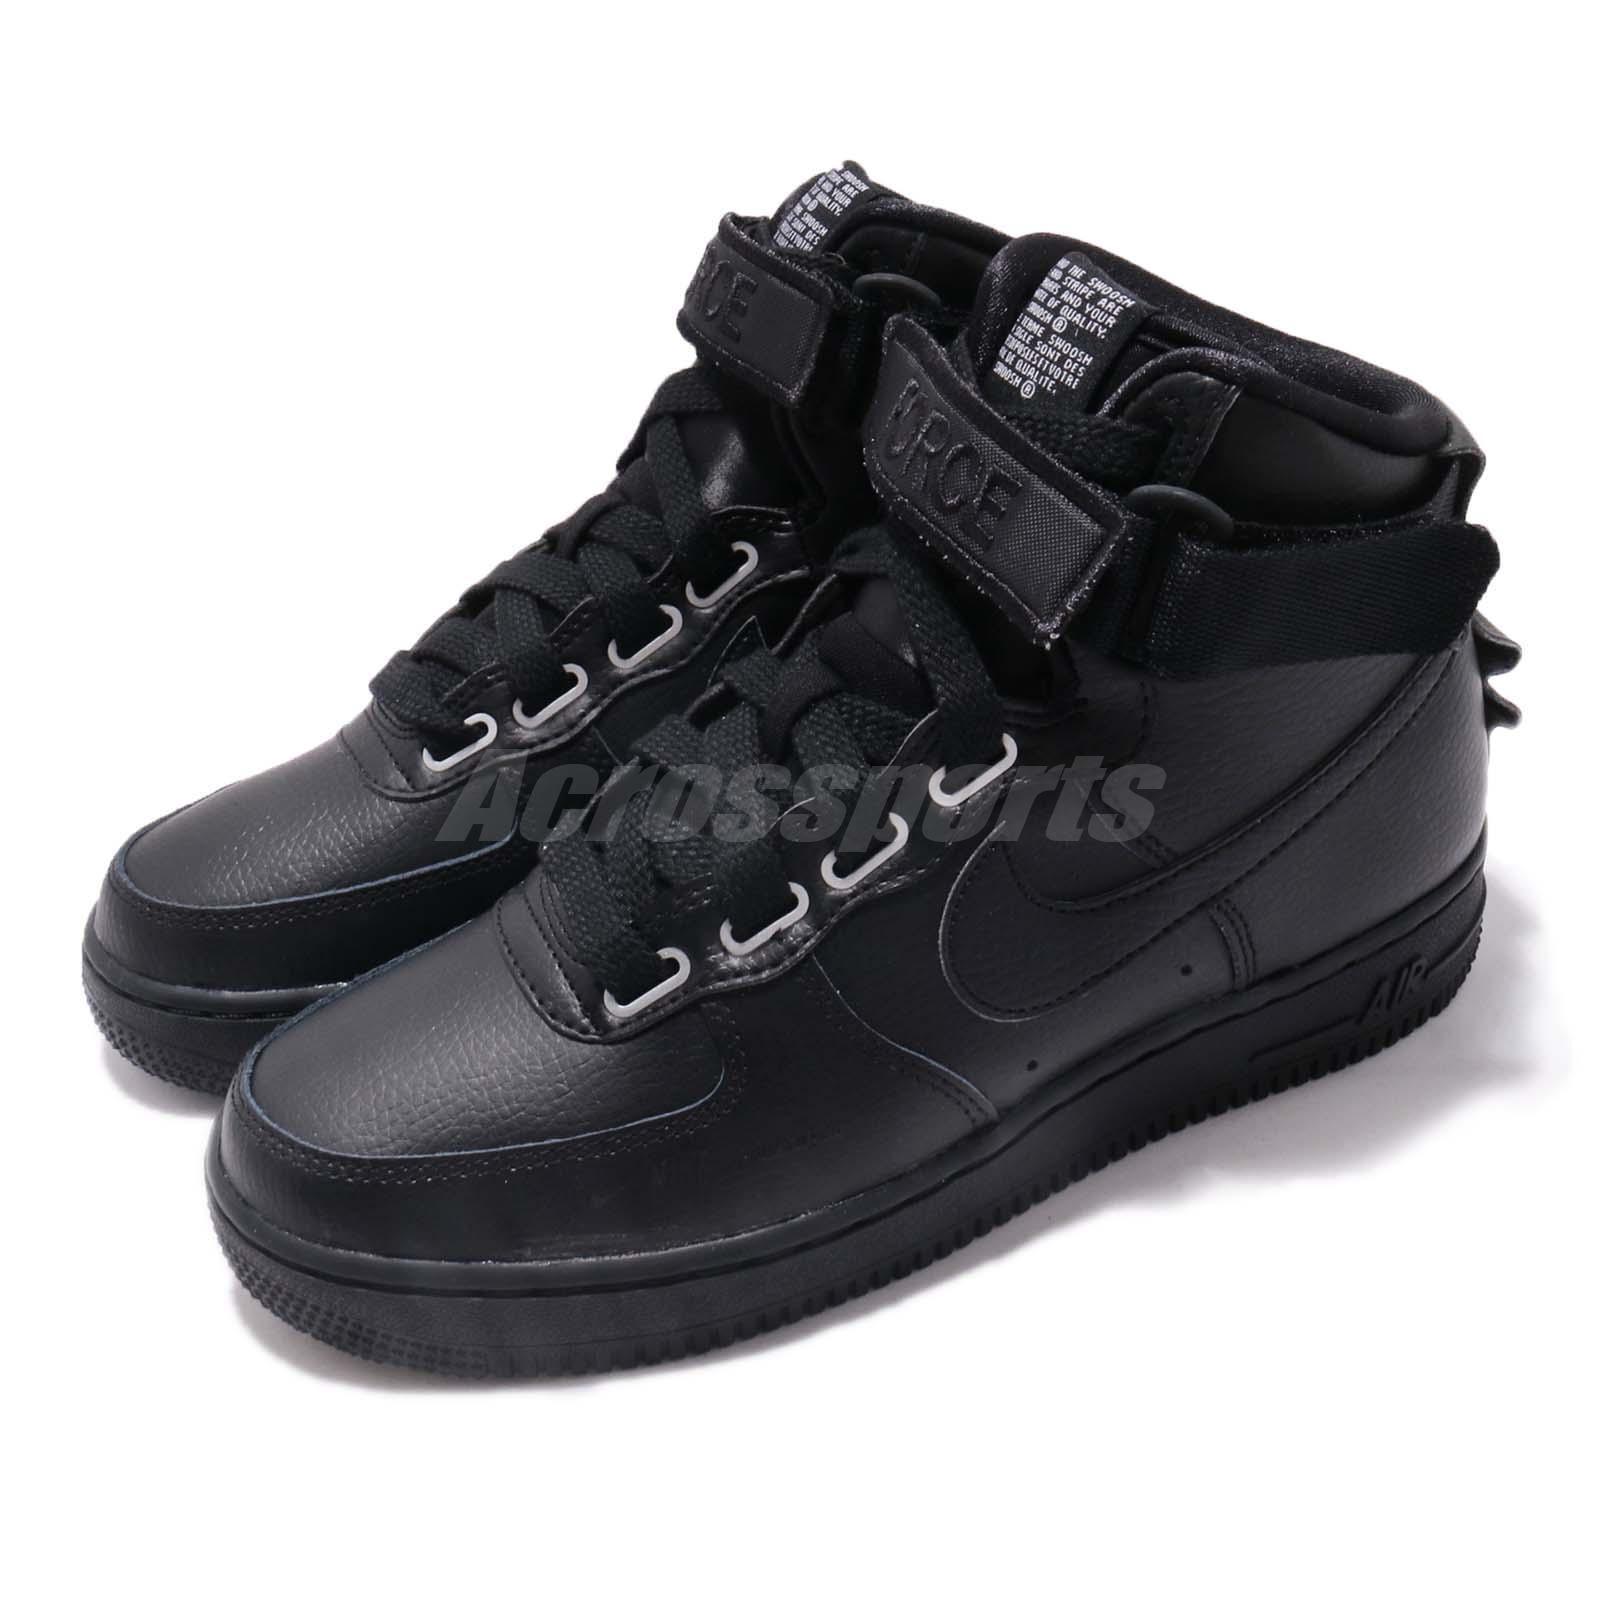 Nike Nike Nike wmns af1 ciao ut air force 1 utilità nero donne scarpe scarpe aj7311-001 | Vendita  | Uomini/Donne Scarpa  999a5a